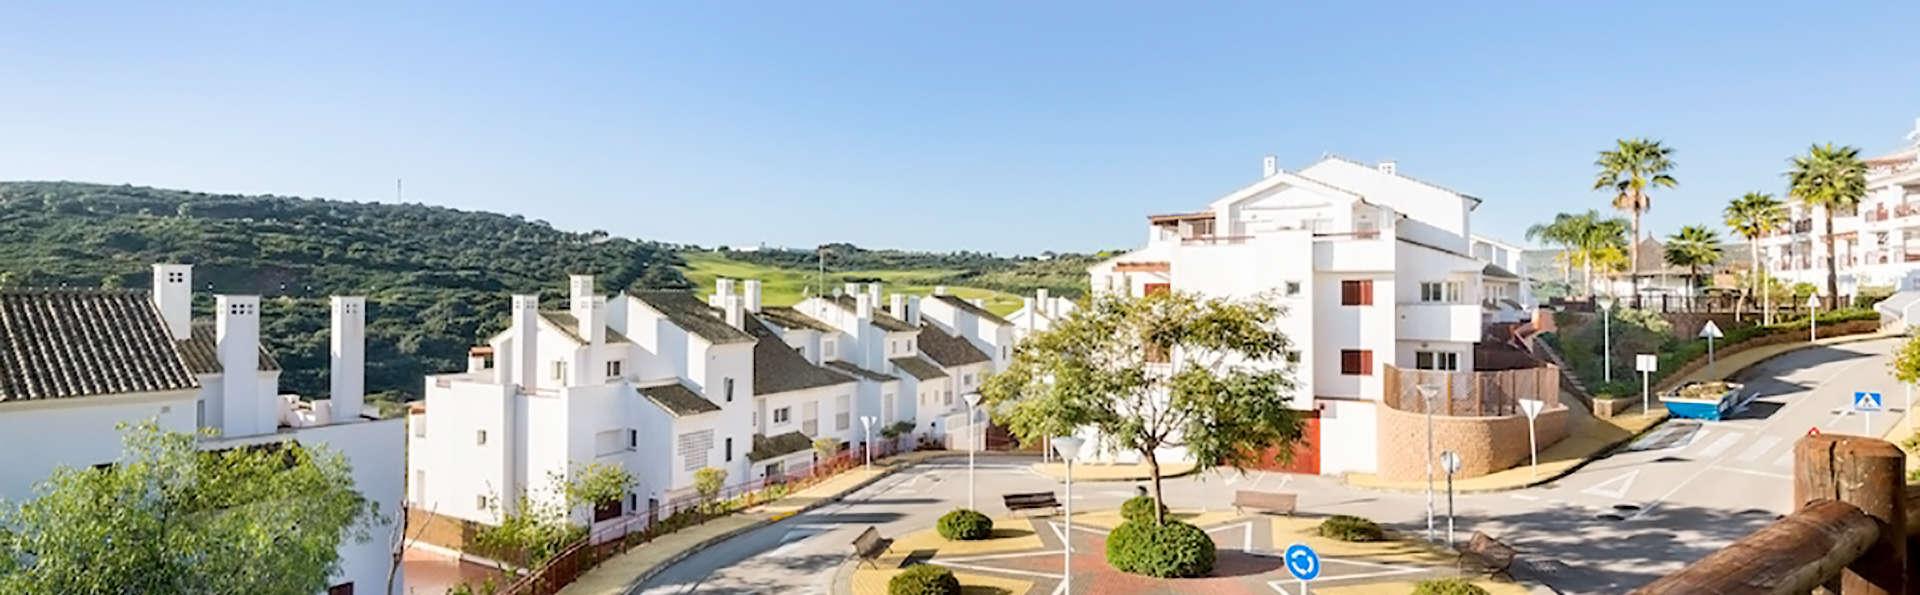 Séjour en appartement pour 4 personnes à San Roque